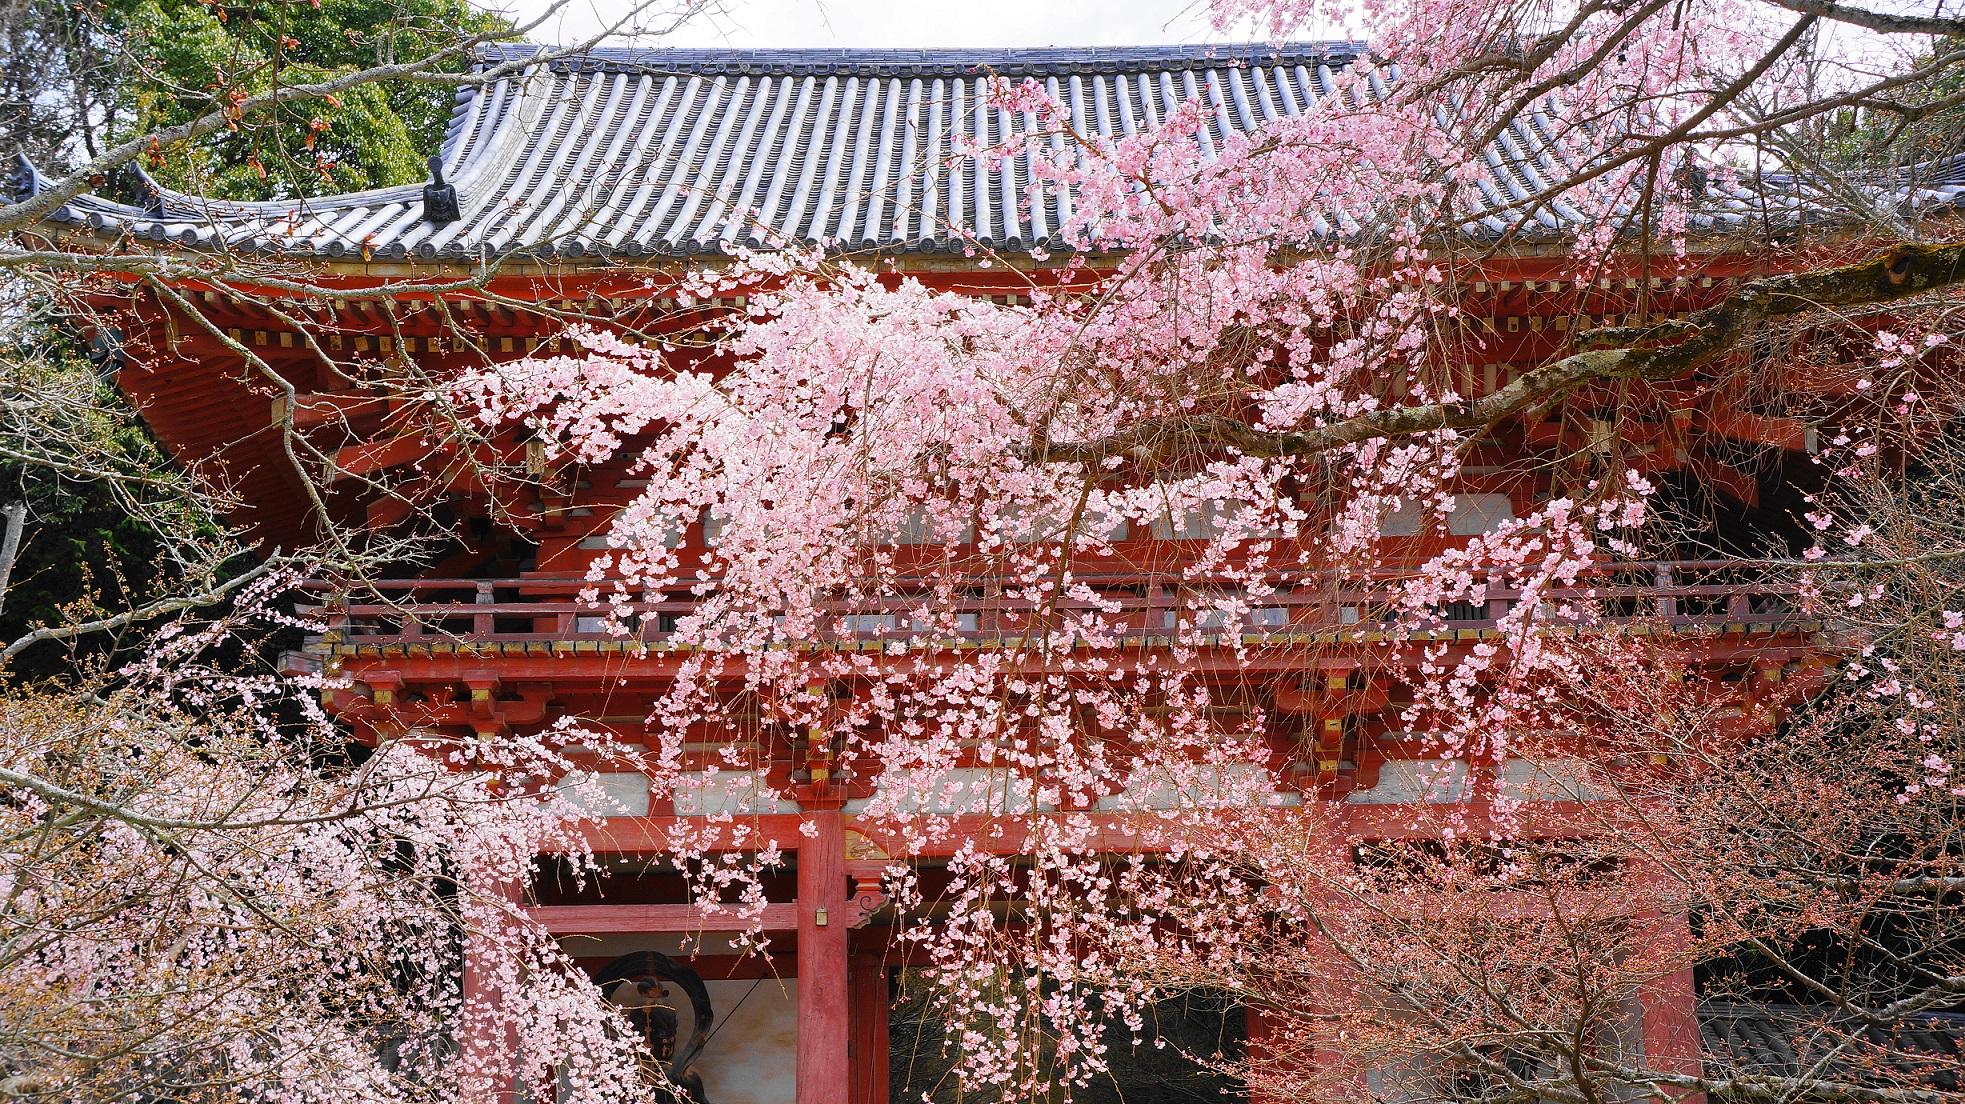 秀吉の花見で有名な醍醐寺の仁王門(西大門)の桜